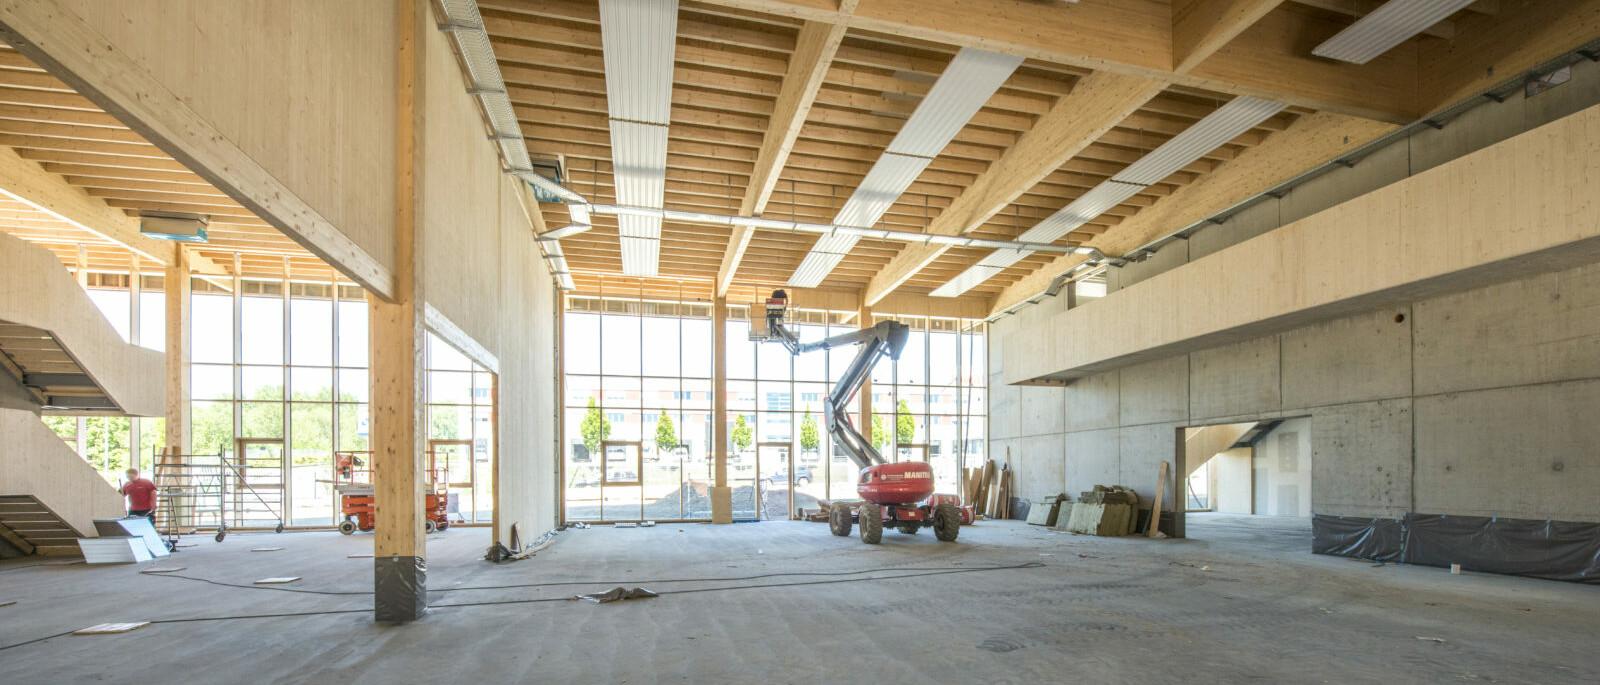 Jowat Detmold Holzbau Industrie_brandschutz plus eberl-pacan brandschutzplaner_Firstträger im Werkstätten- und Foyerbereich (c)Züblin Timber